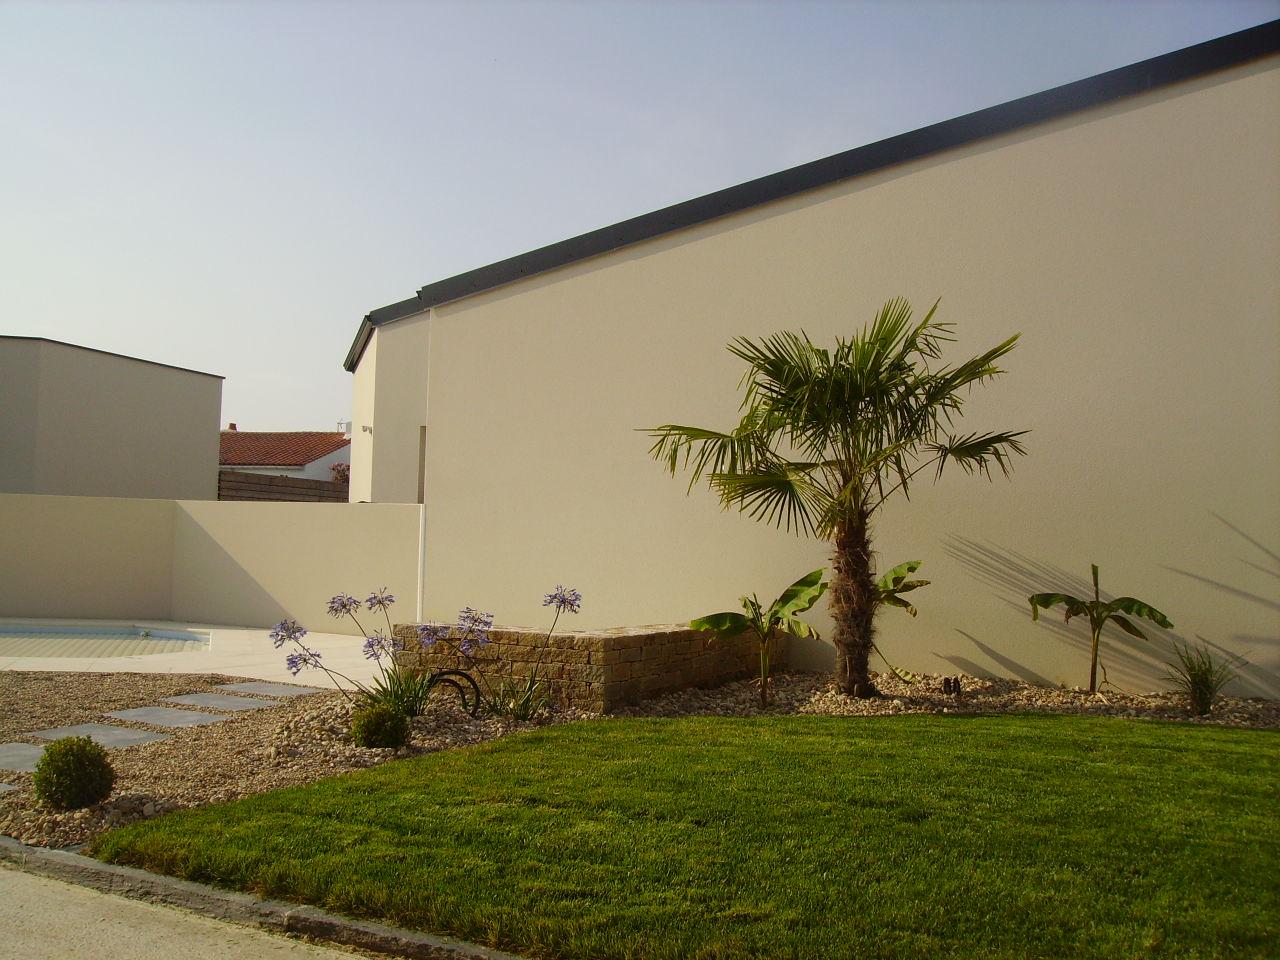 creation de jardin chateau d 39 olonne mai 2015 ecce terra paysagiste pays des olonnes. Black Bedroom Furniture Sets. Home Design Ideas